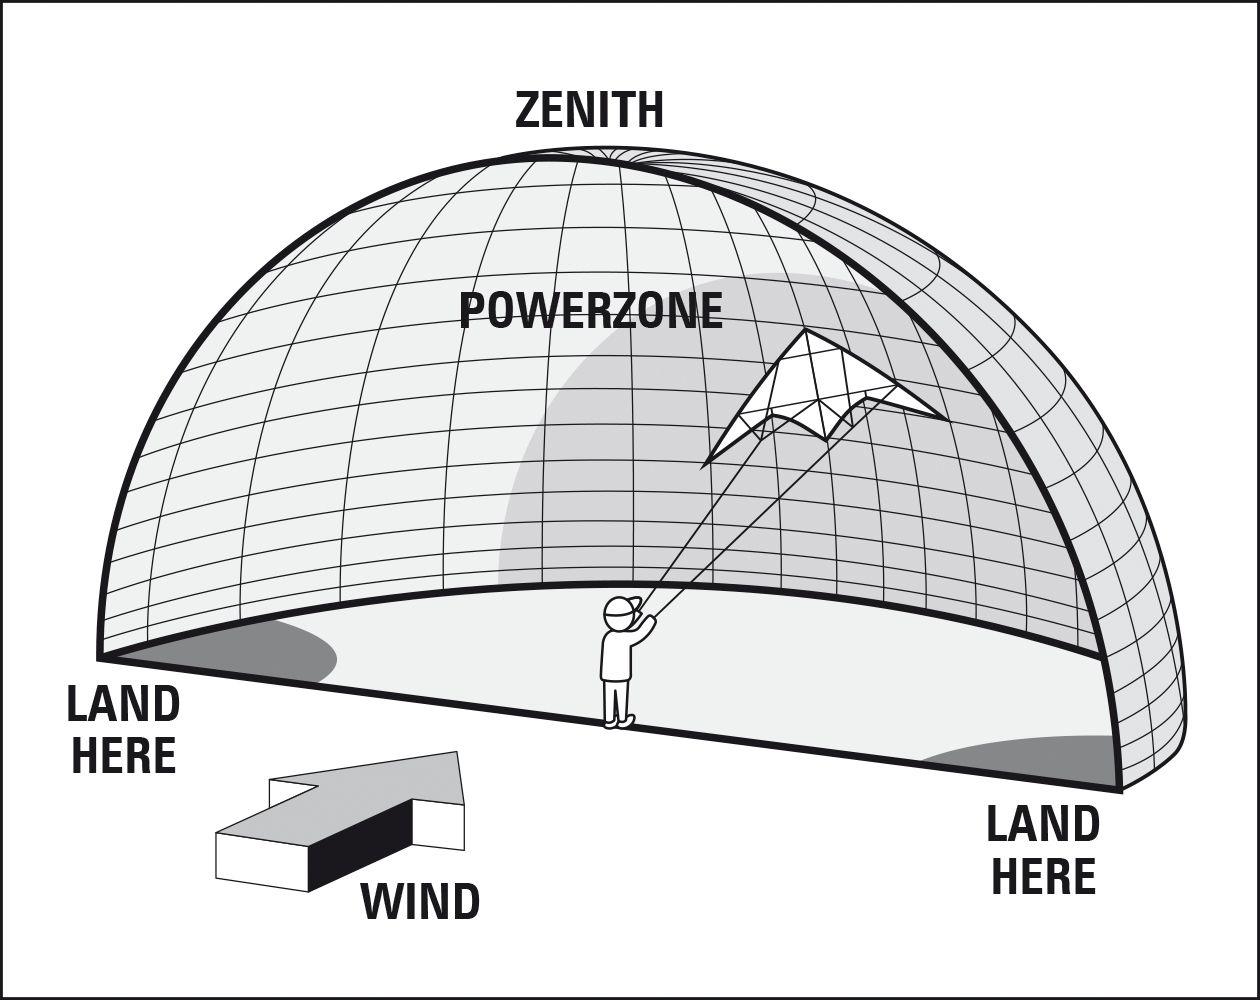 51ZG-ZENITH